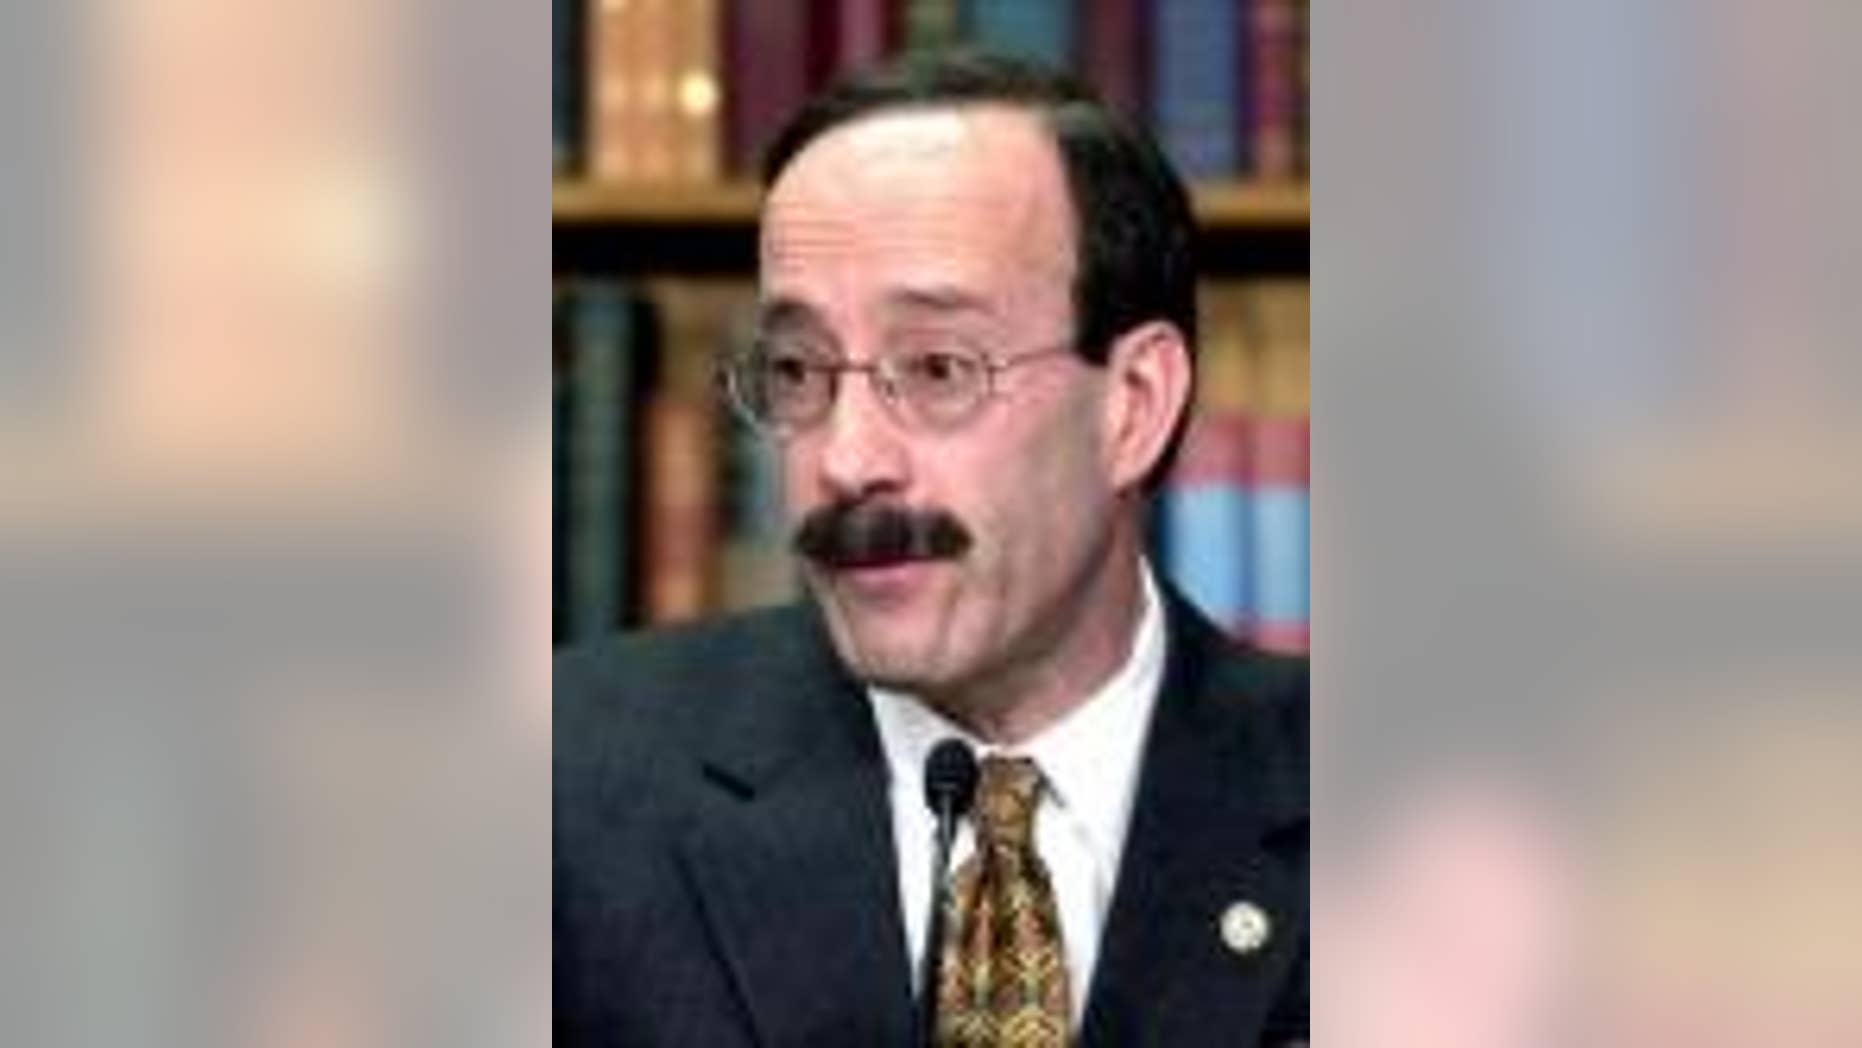 Rep. Eliot Engel, D-N.Y. (AP Photo)